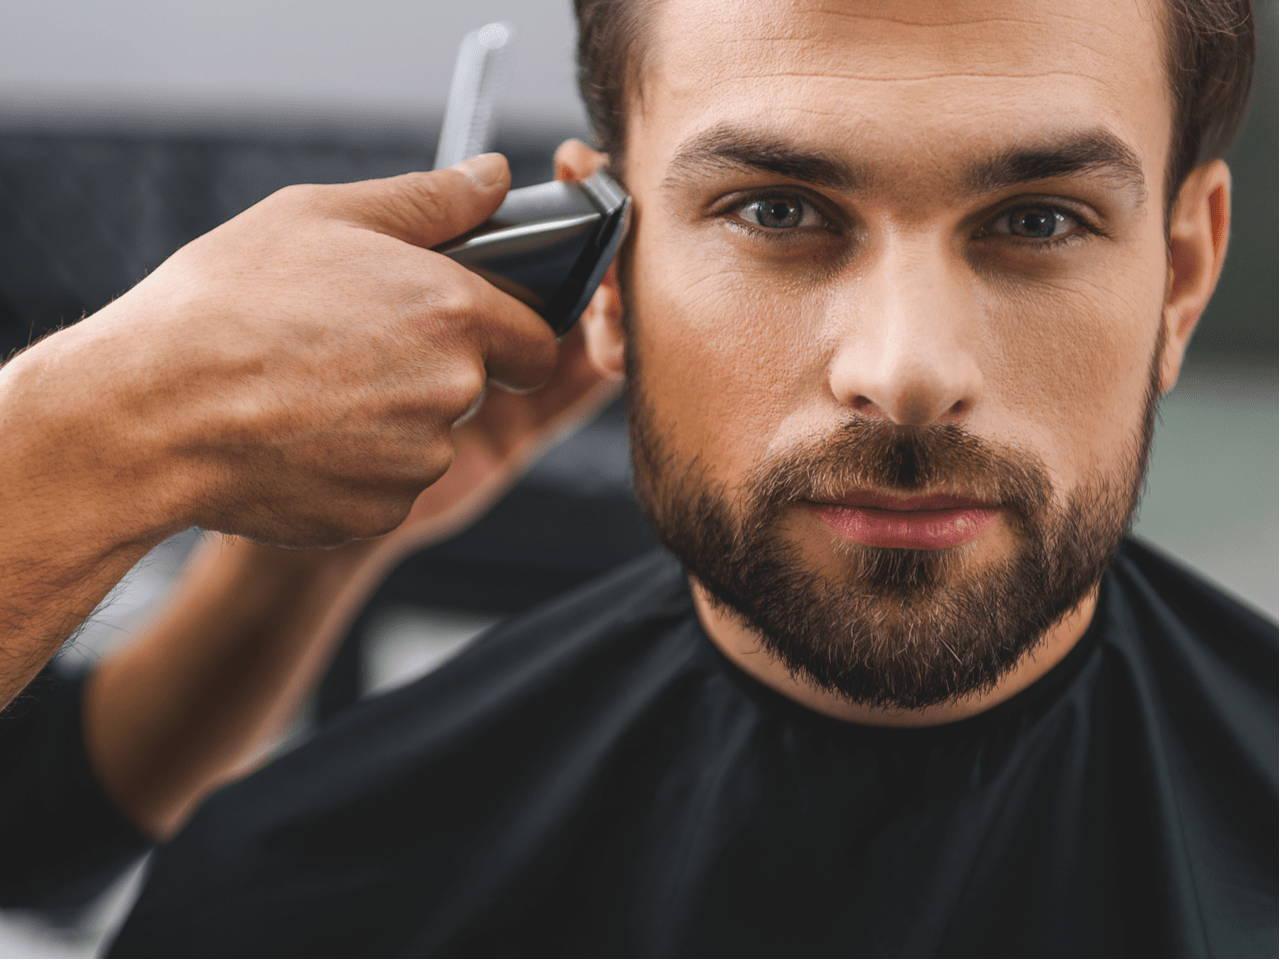 Die richtige Frisur für deine Gesichtsform als Mann  SNOCKS – Snocks